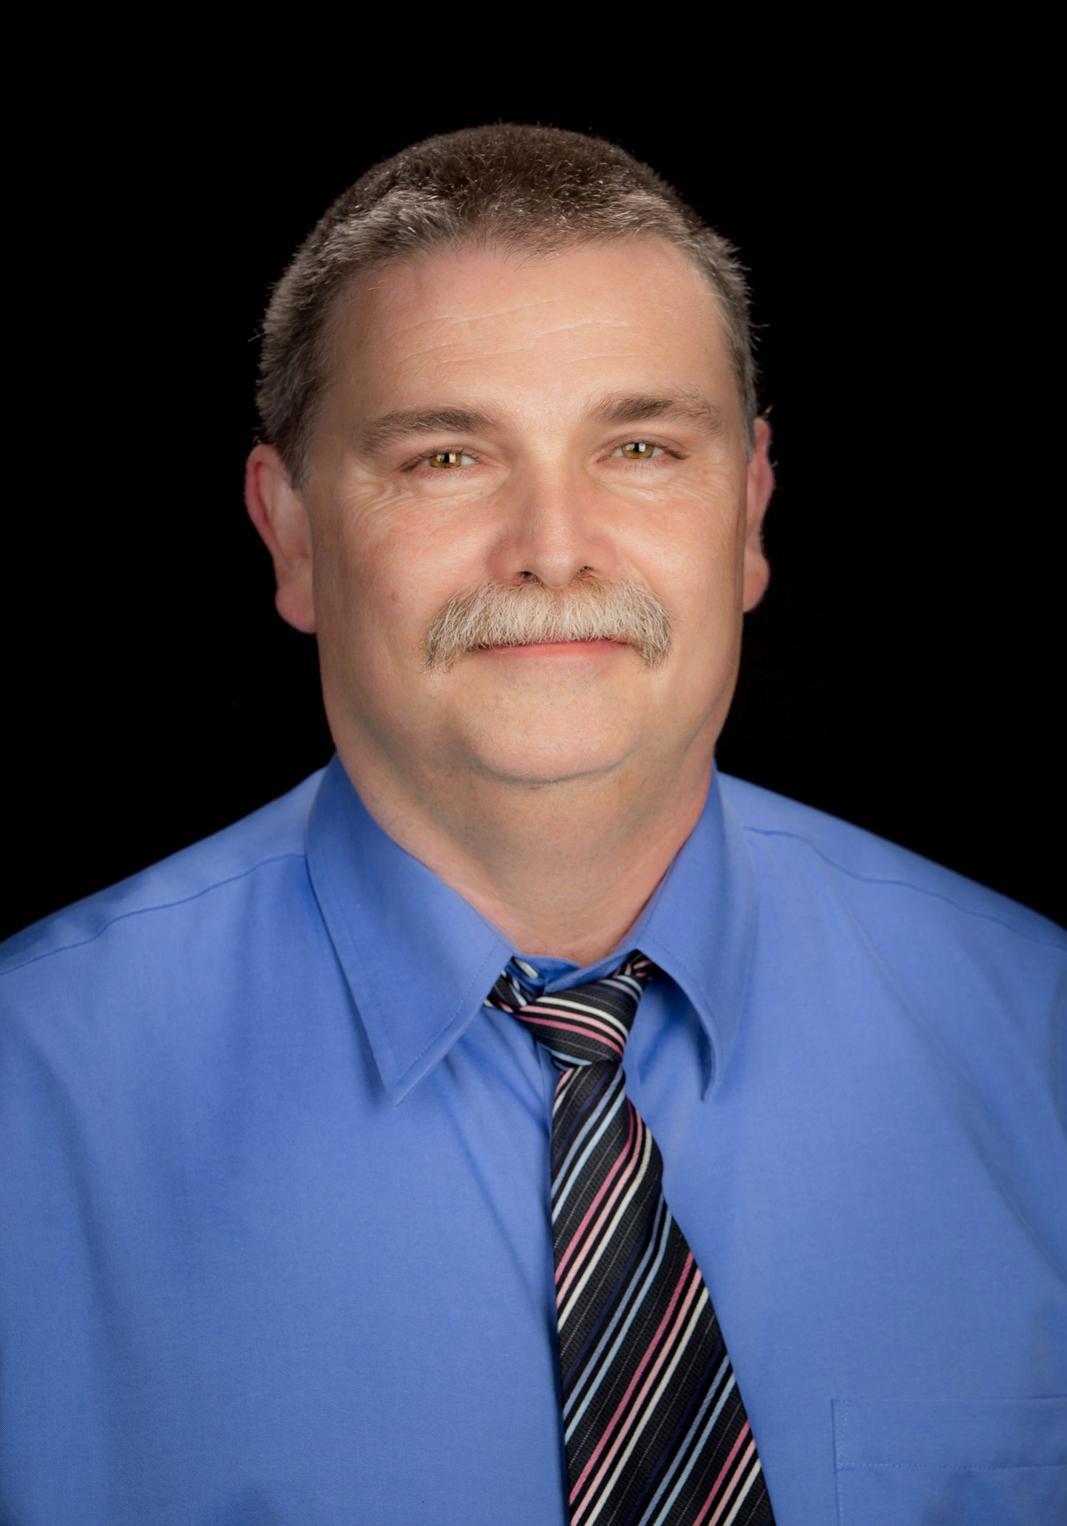 Robert Gliwa